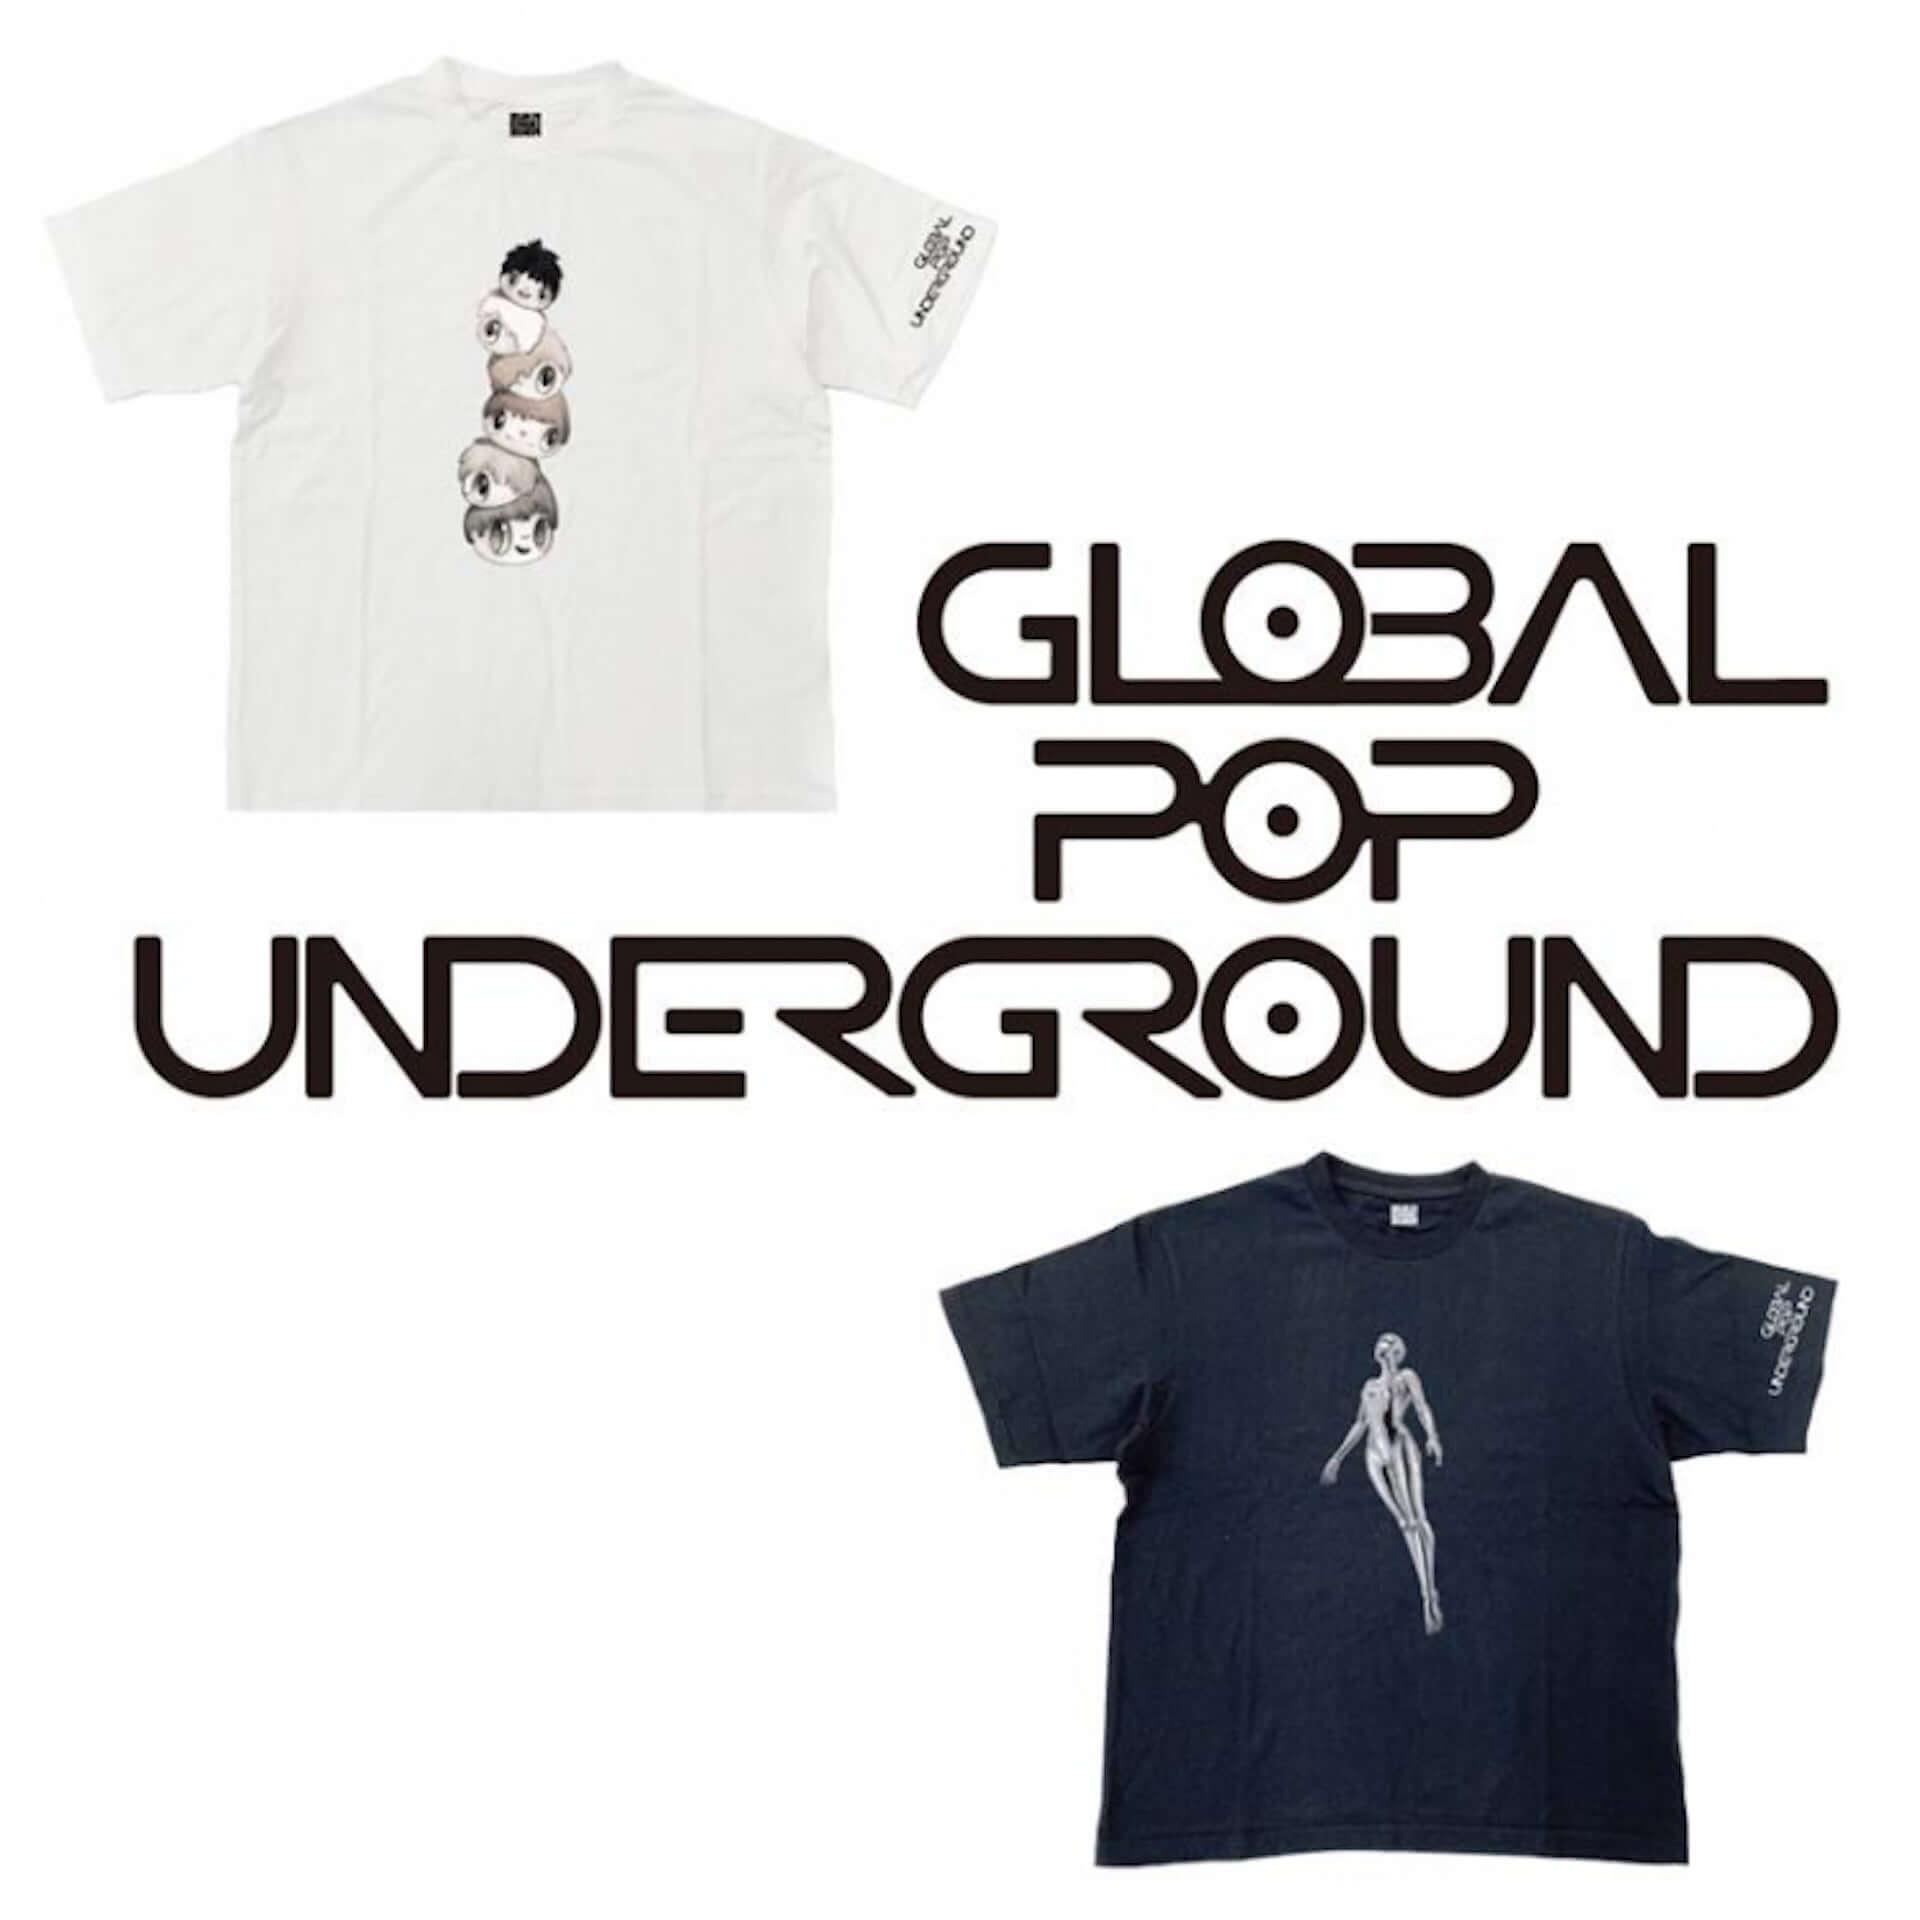 山口はるみ、空山基も参加!NANZUKA<GLOBAL POP UNDERGROUND>の限定Tシャツがリリース|オンライン展示も開始 art200715_parco_gpu_1-1920x1920